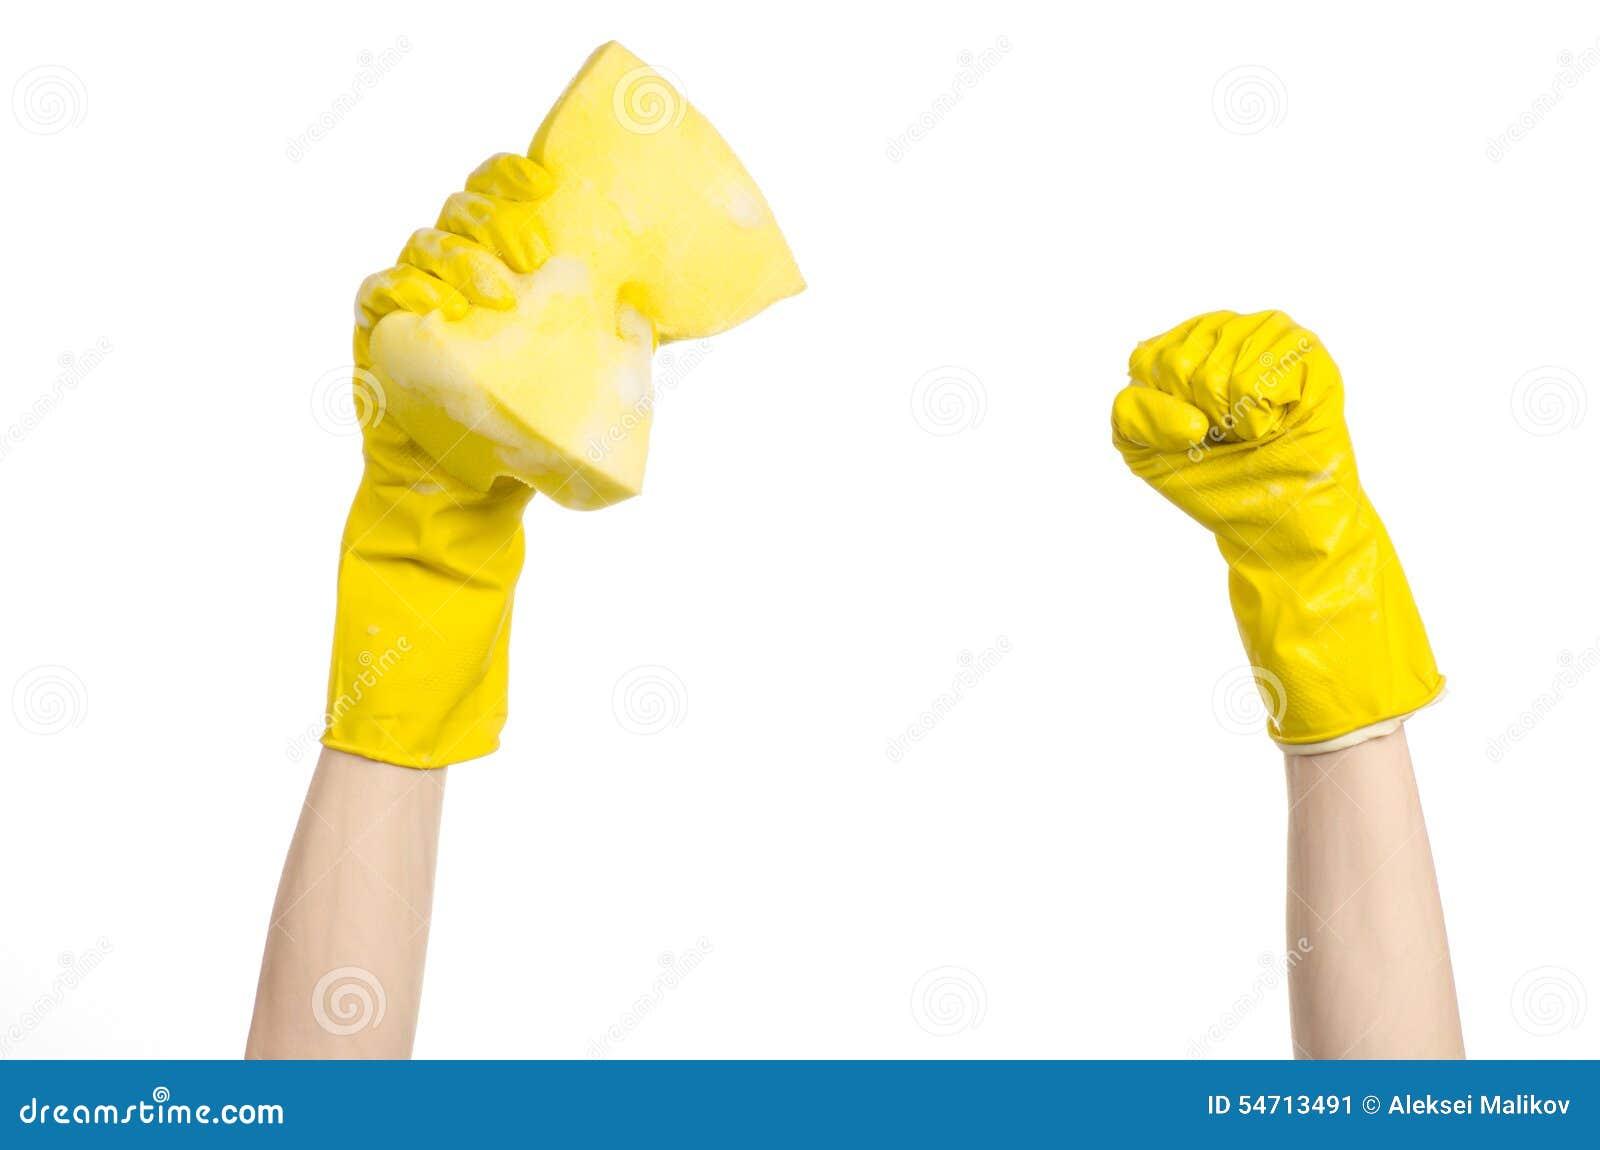 Göra ren hus- och sanitetsväsenämnet: Hand som rymmer en gul svamp våt med skum som isoleras på en vit bakgrund i studio